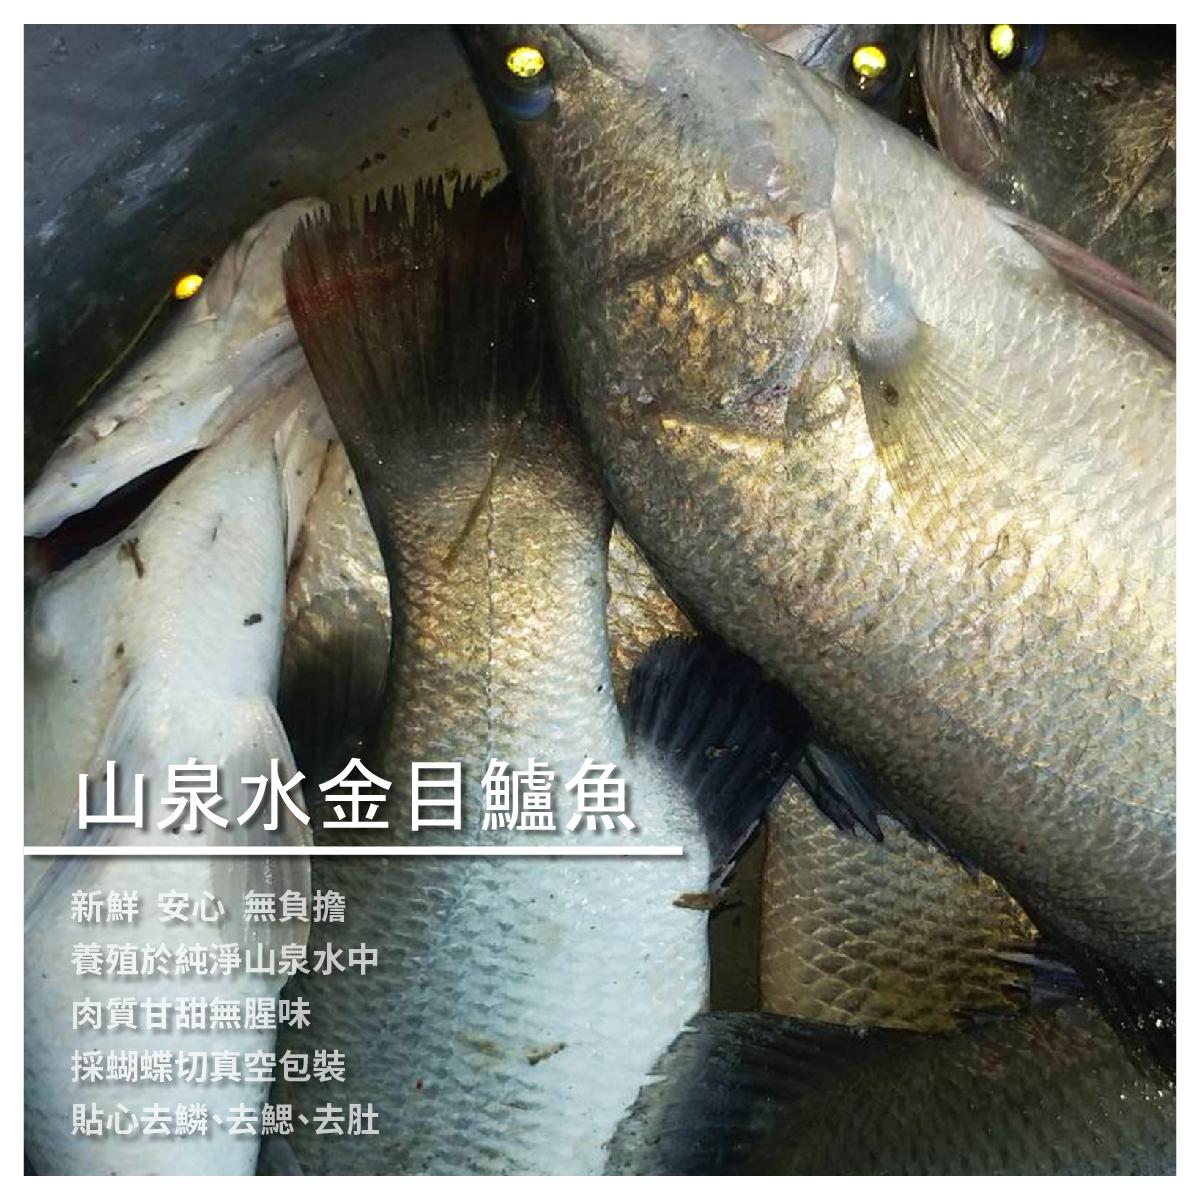 【洋昇水產】山泉水金目鱸魚300-370g